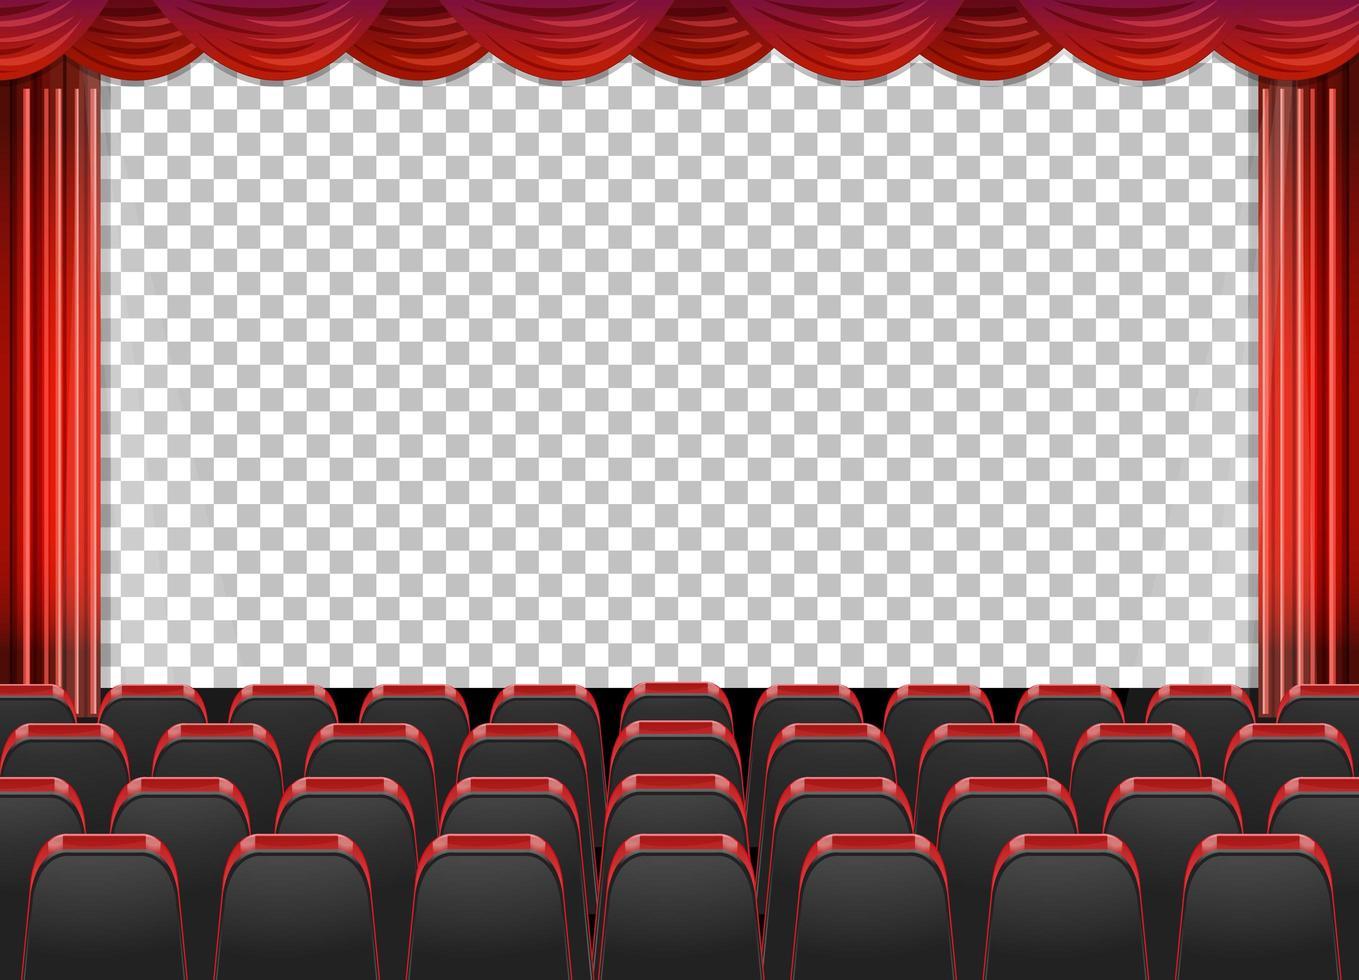 rideaux rouges dans le théâtre avec fond transparent vecteur